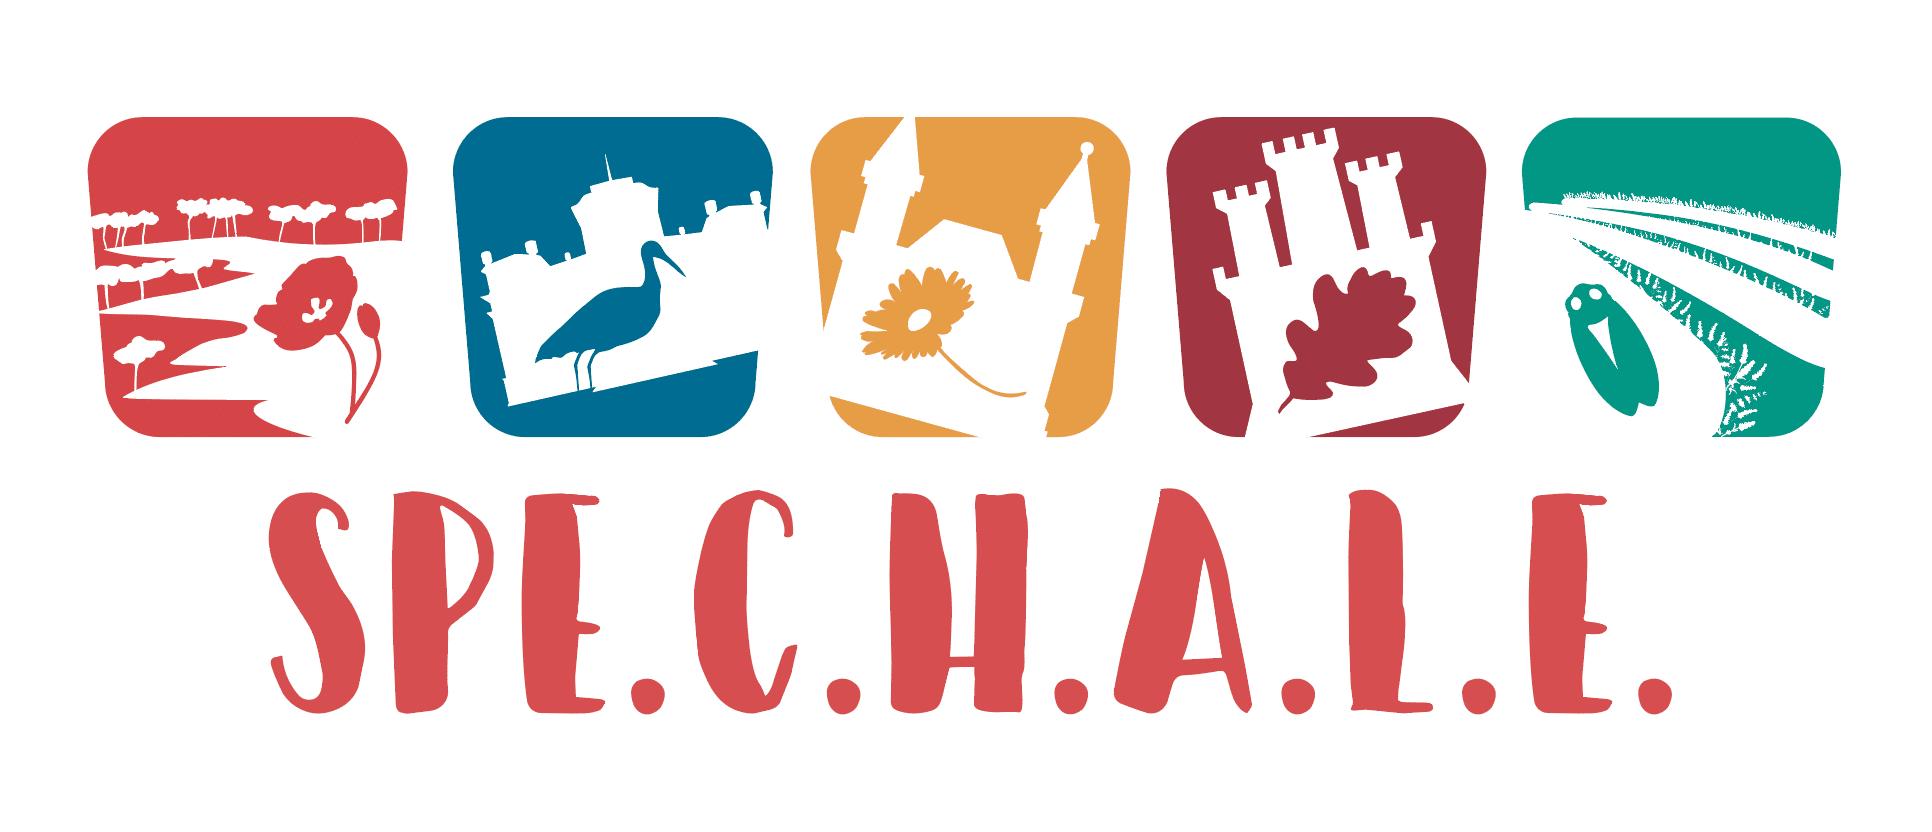 SPECHALE pieaugušo mācībām par kultūras mantojumu un pievilcīgu dzīves vidi pieteikušies 145 interesenti